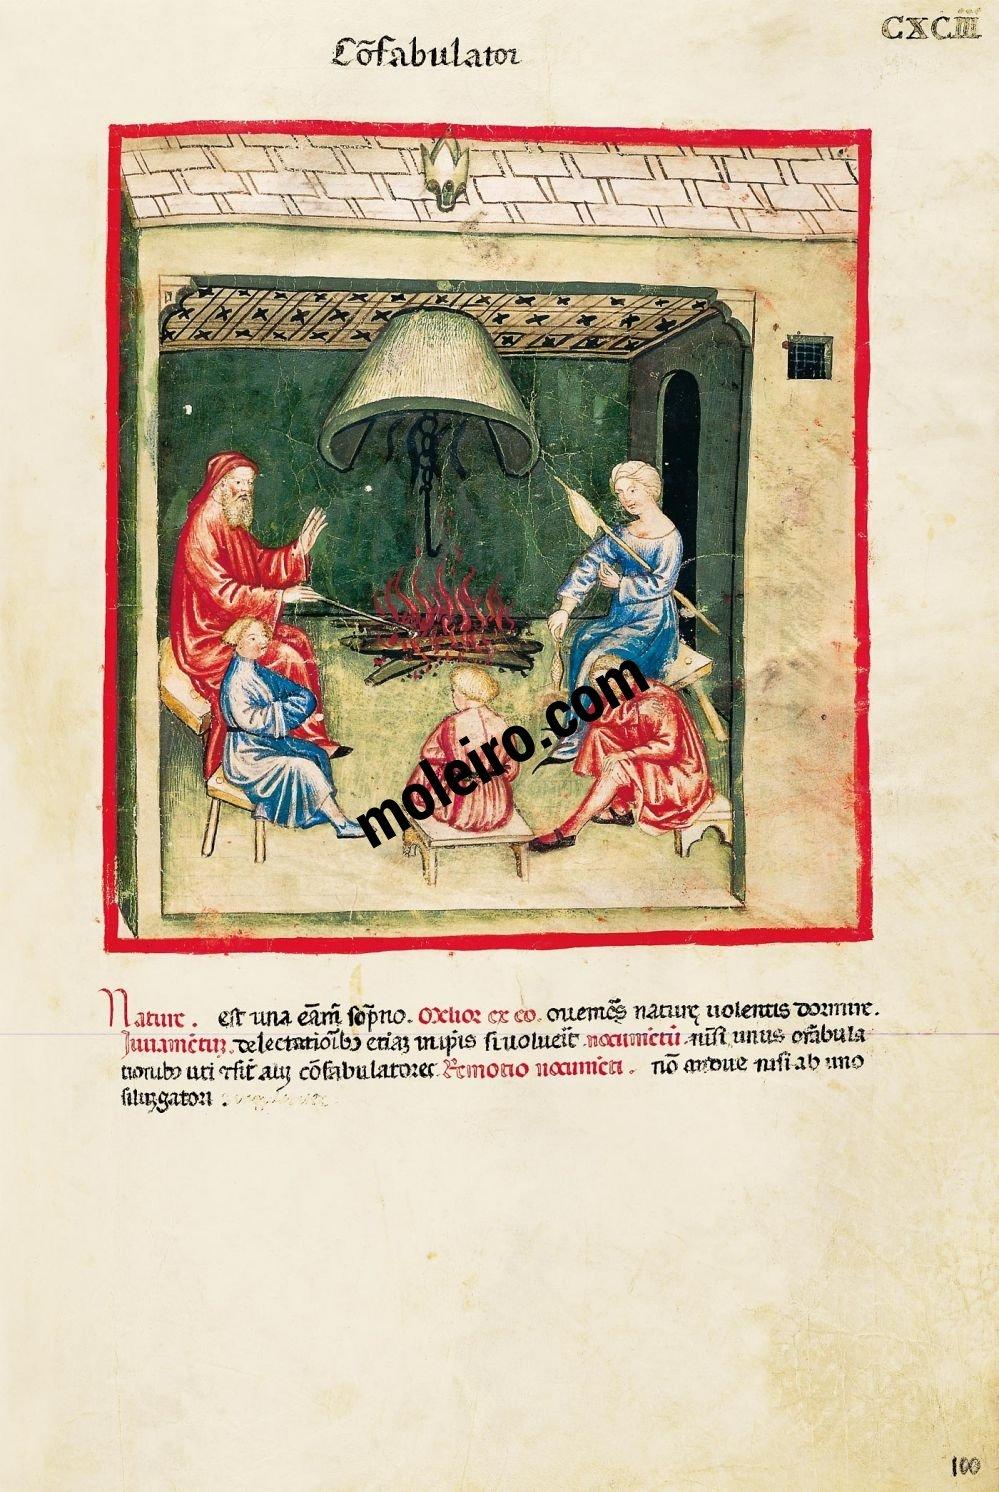 Theatrum Sanitatis f. CXCIII, Story teller